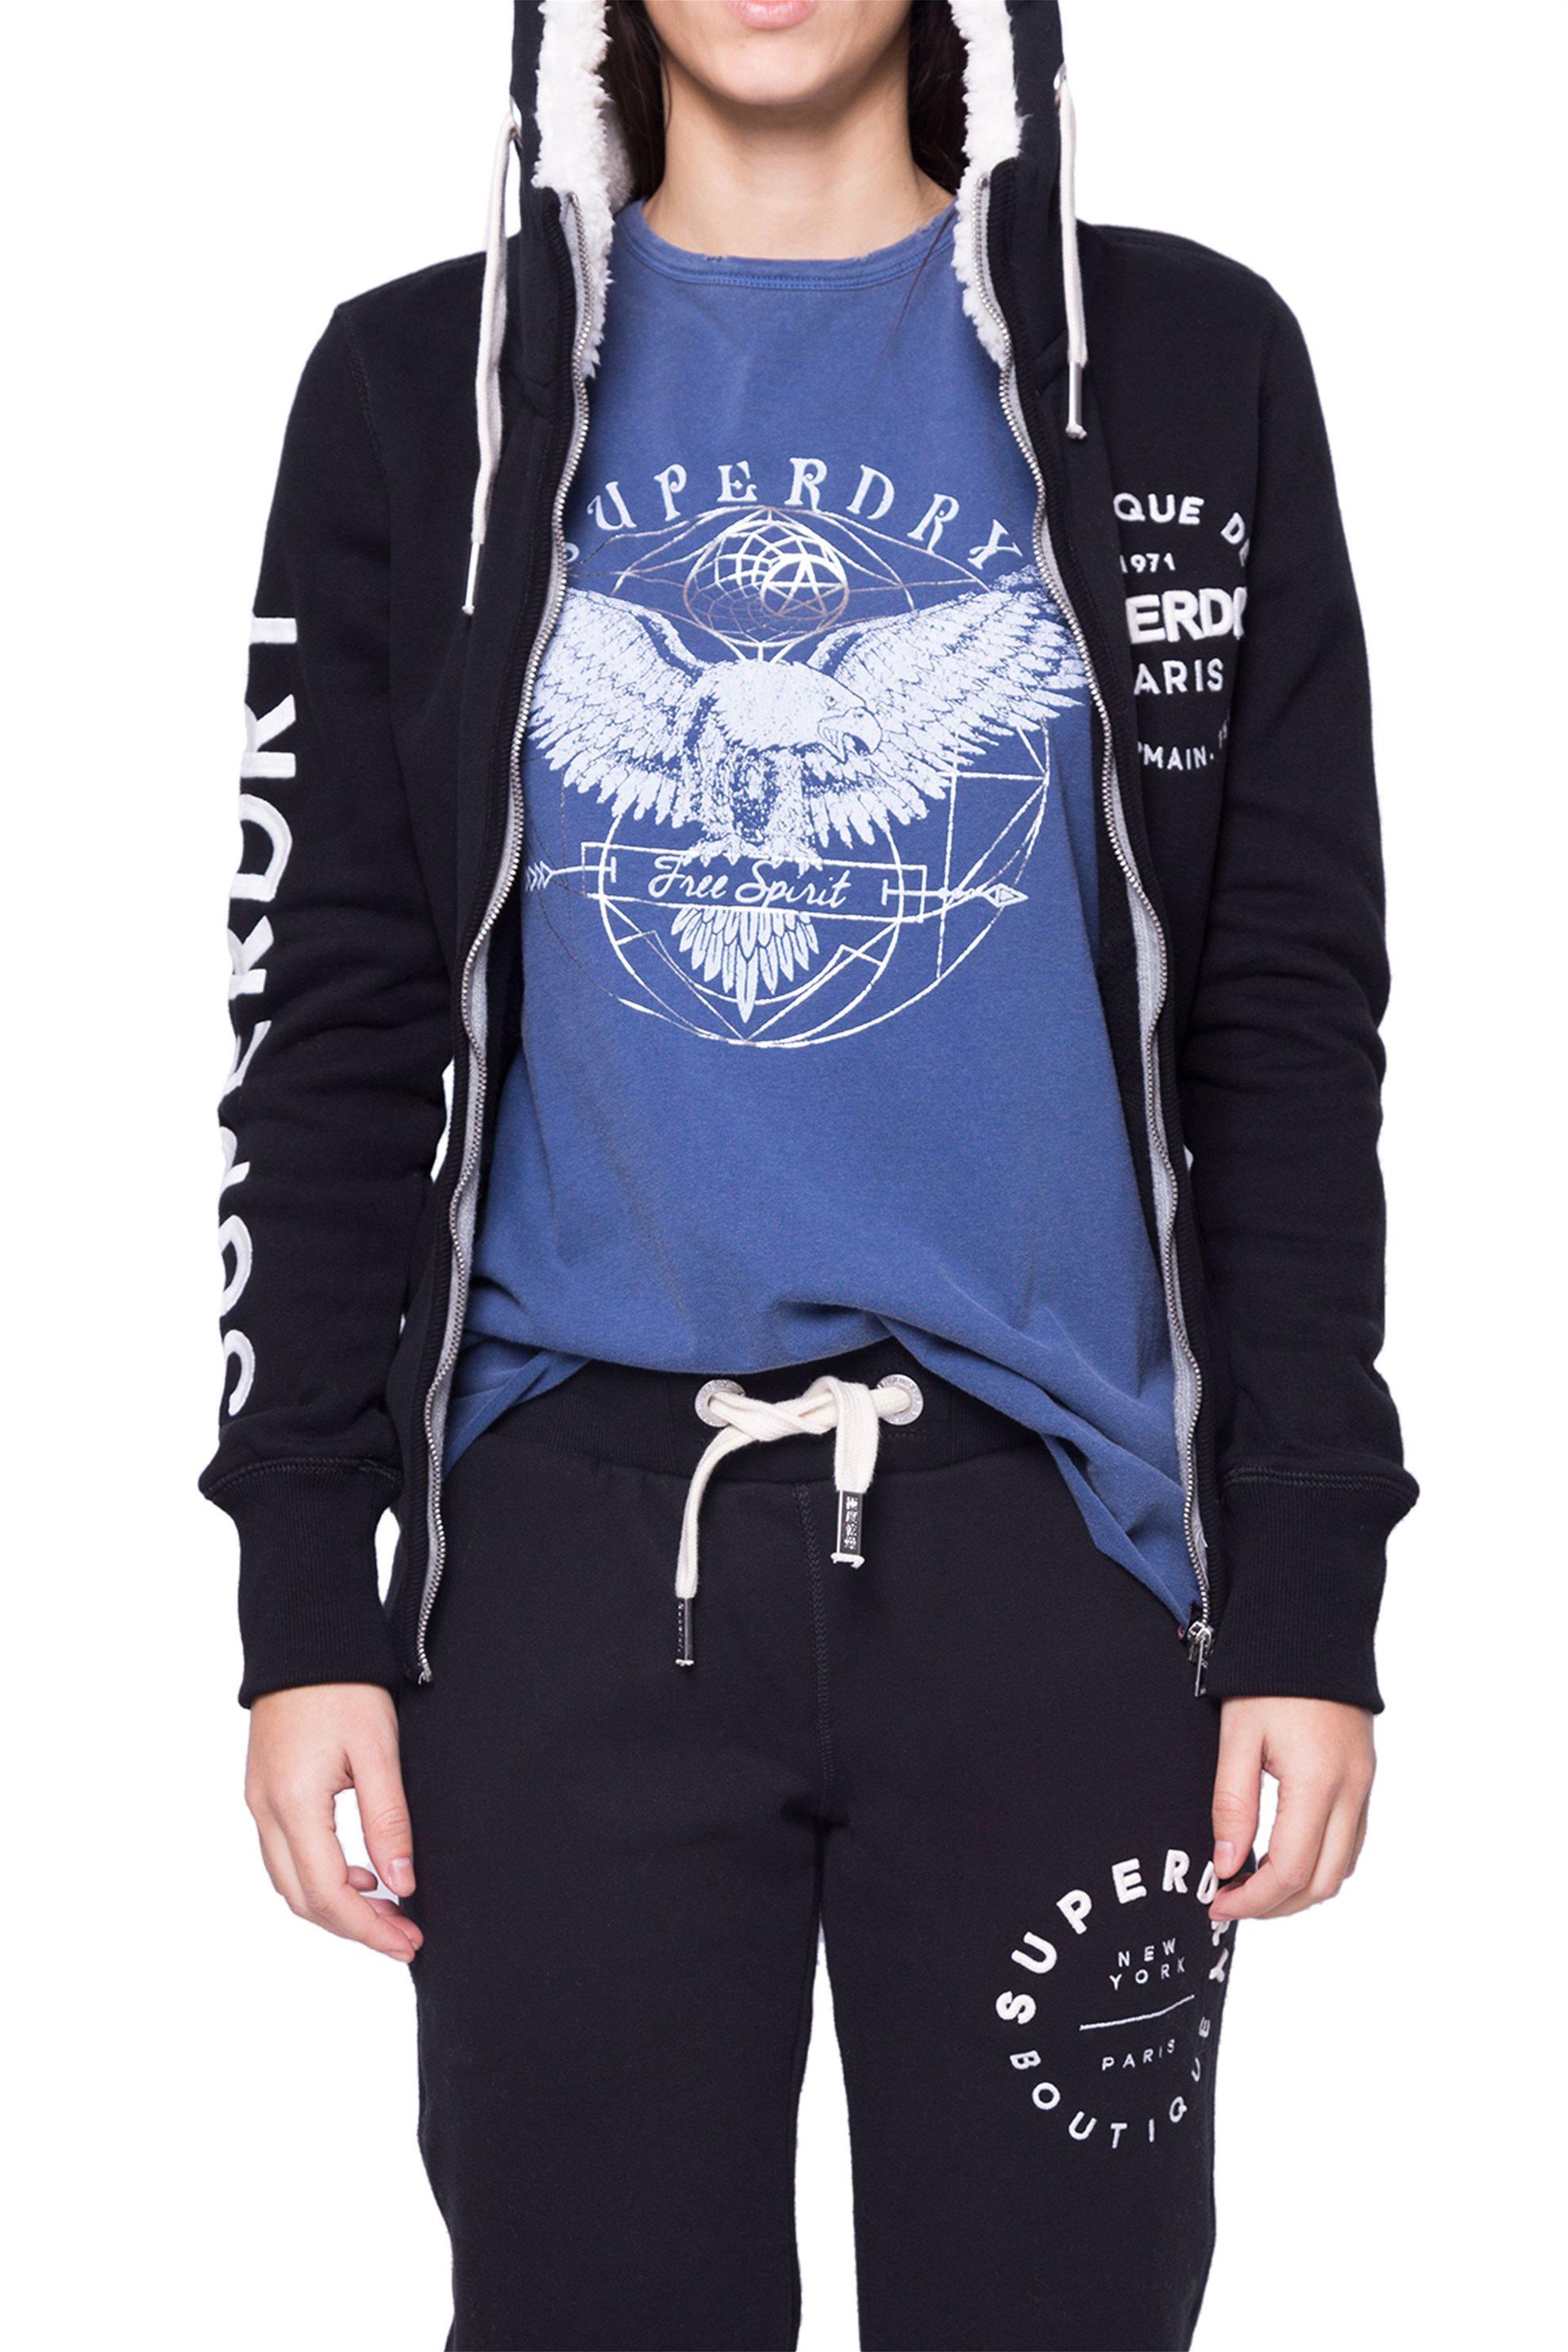 Γυναικεία ζακέτα Superdry - G20018PP - Μαύρο γυναικα   ρουχα   αθλητικα   αθλητικά ρούχα   tops   ζακέτες   μπλούζες   φούτερ